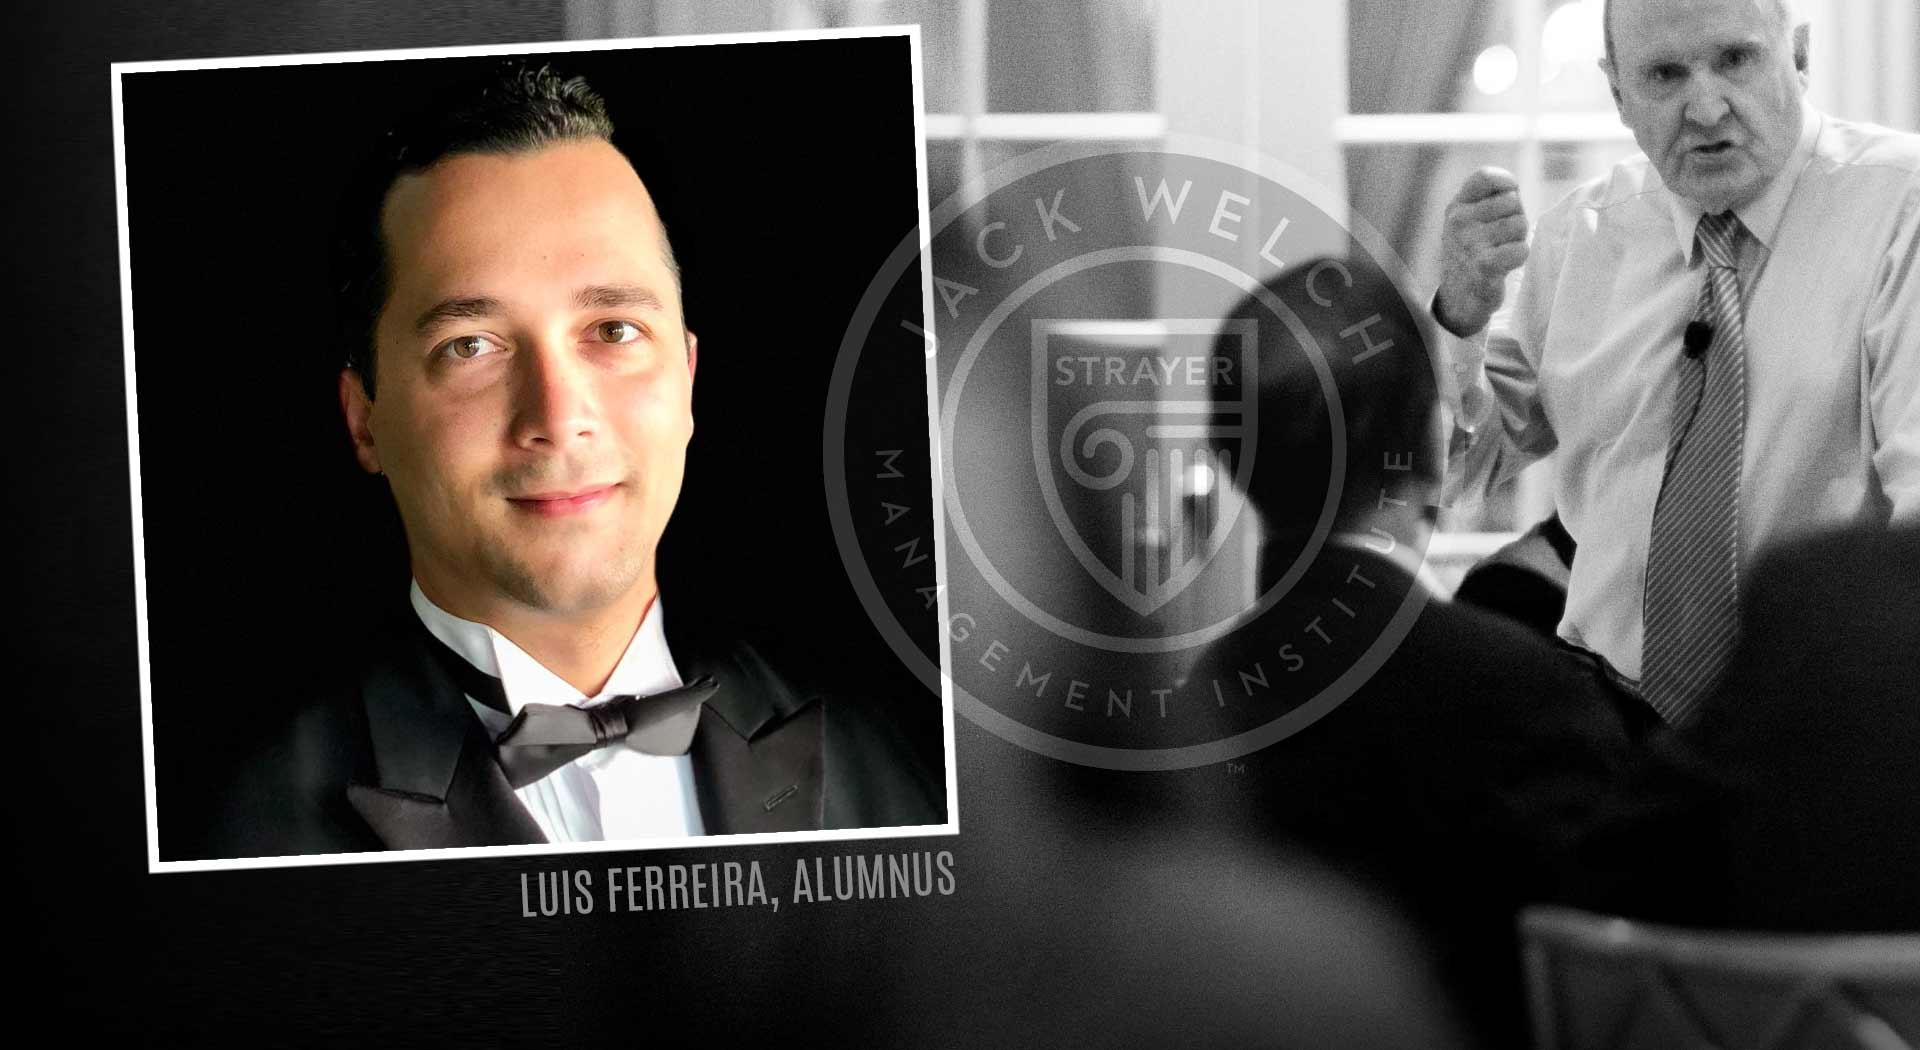 Jack Welch MBA, Luis Ferrerira